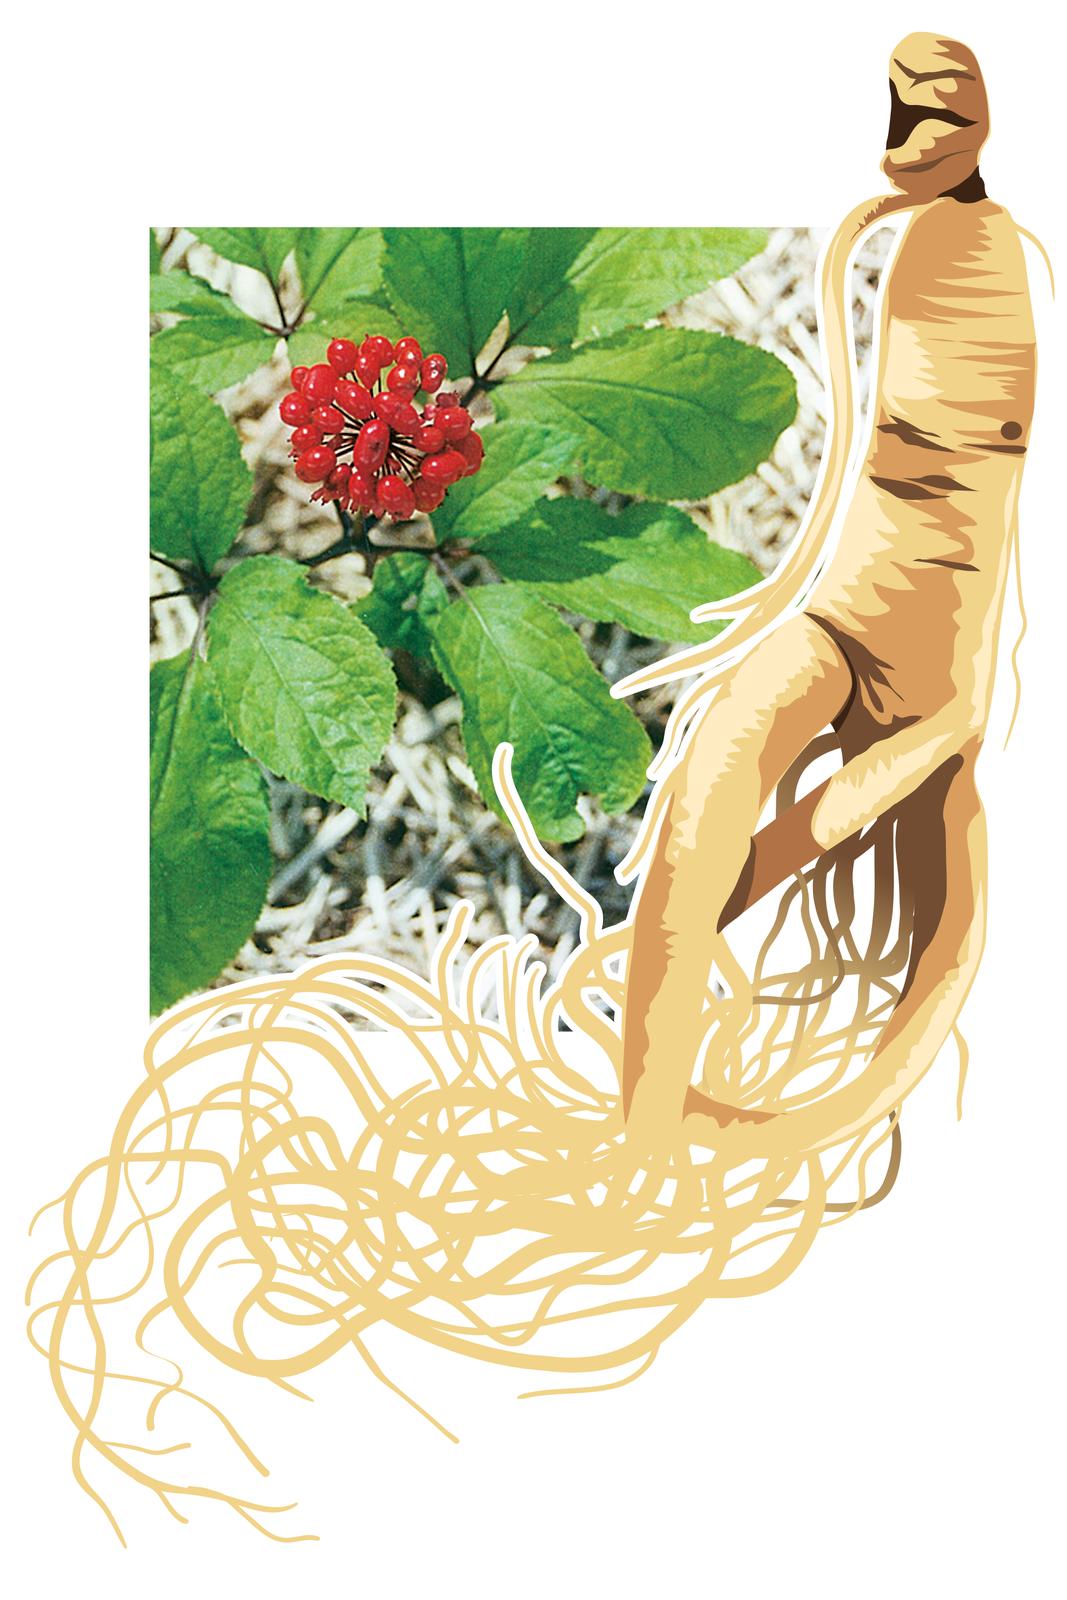 Ilustracja przedstawia fotografię gałązki rośliny zdużymi liśćmi iczerwonymi kulistymi owocami. Obok rysunek jej korzenia wkolorze jasnobrązowym. Korzeń ma kształt podobny do sylwetki człowieka. To żeń-szeń pięciolistny. środowisku naturalnym ijego korzeń.